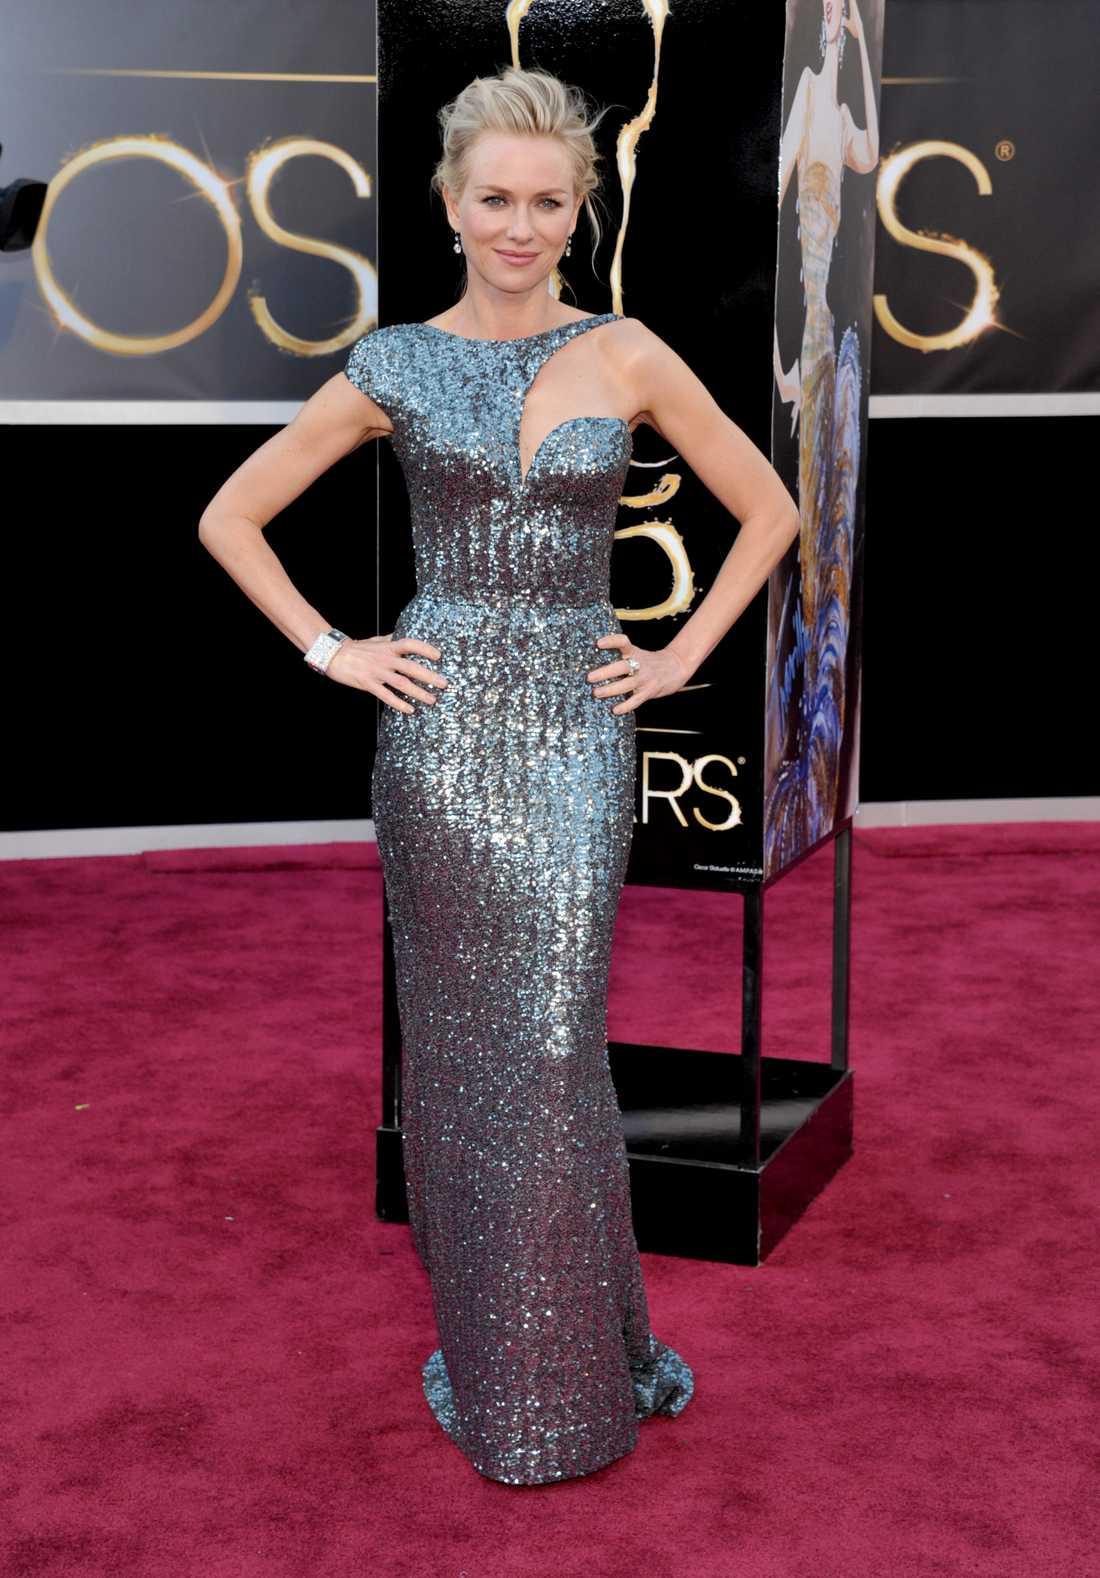 Naomi Watts Spännande! Vad kul att se en ovanlig överdel, älskar det oväntade. Armani har designat det här silverpaketet, nästan lite framtidskänsla och Star Wars över det här? 3 plus